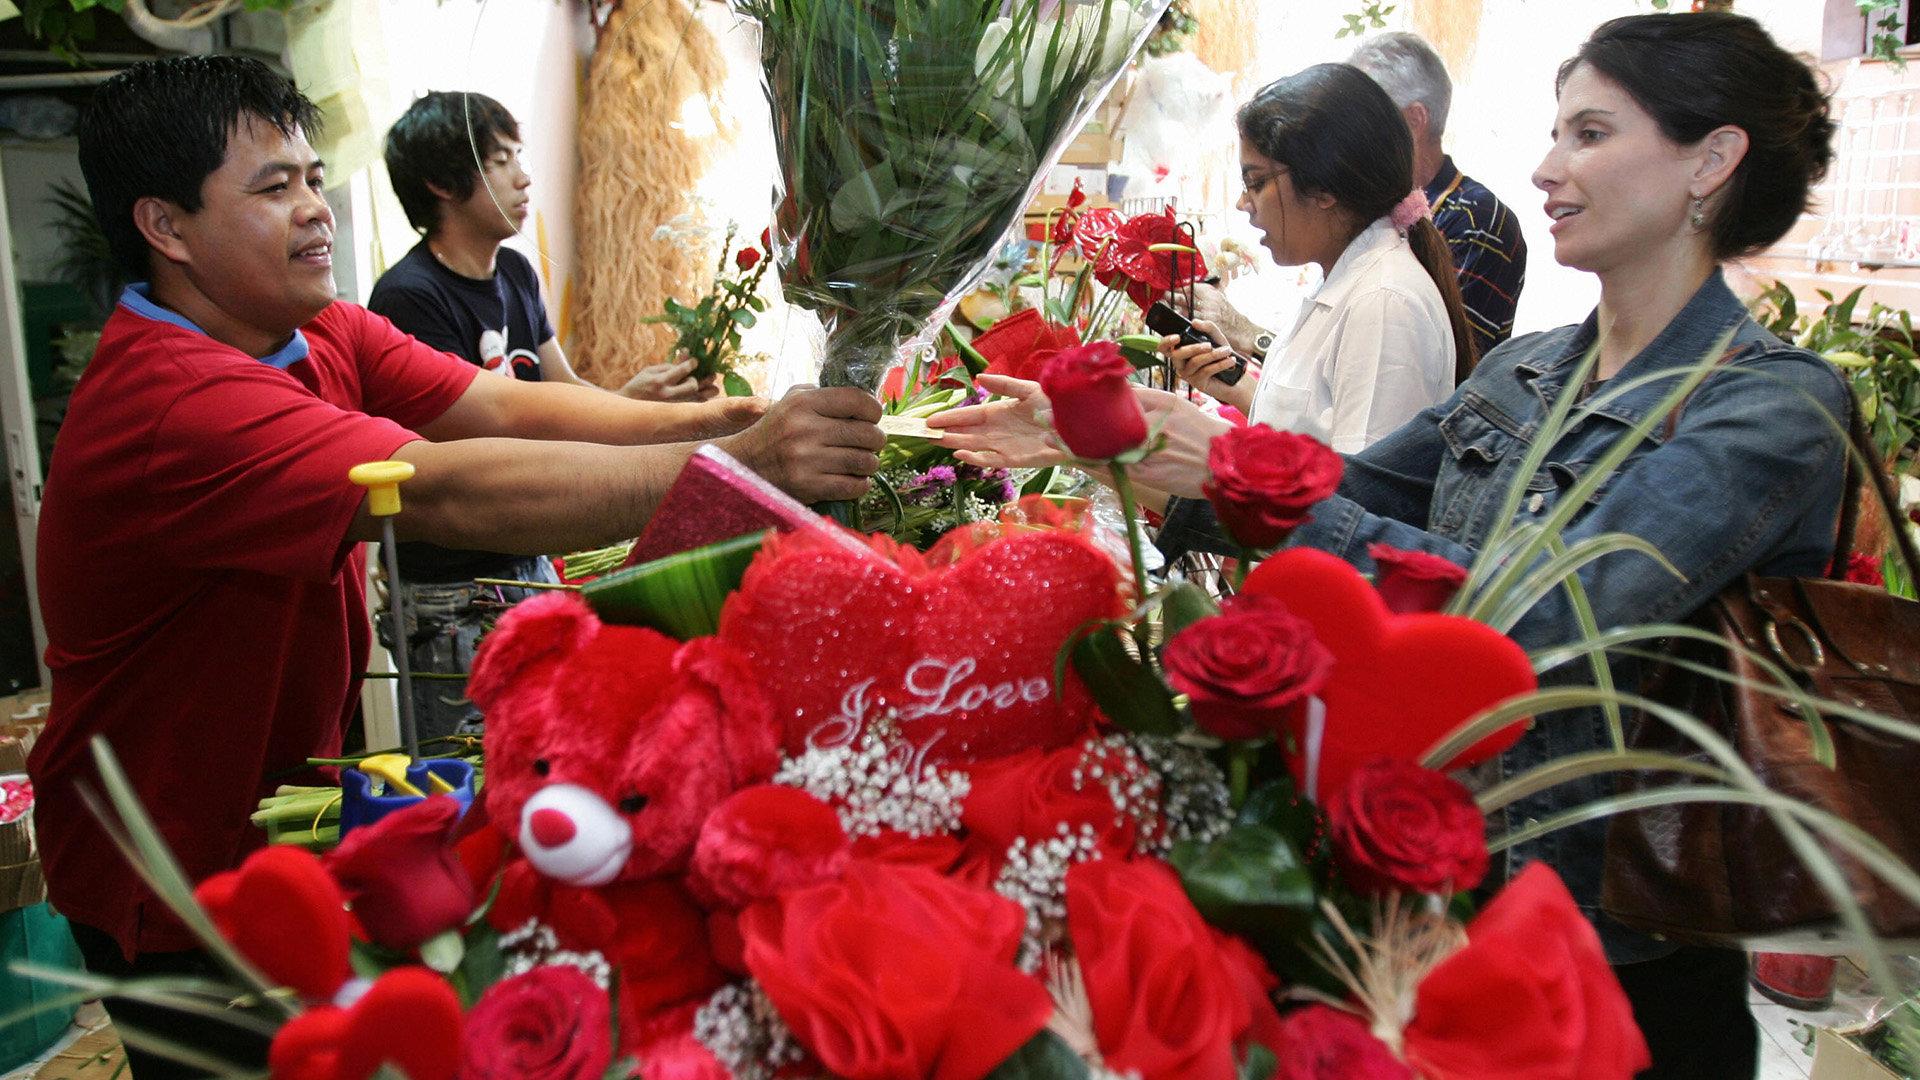 Se gastan de 500 a mil pesos para el regalo de las madres